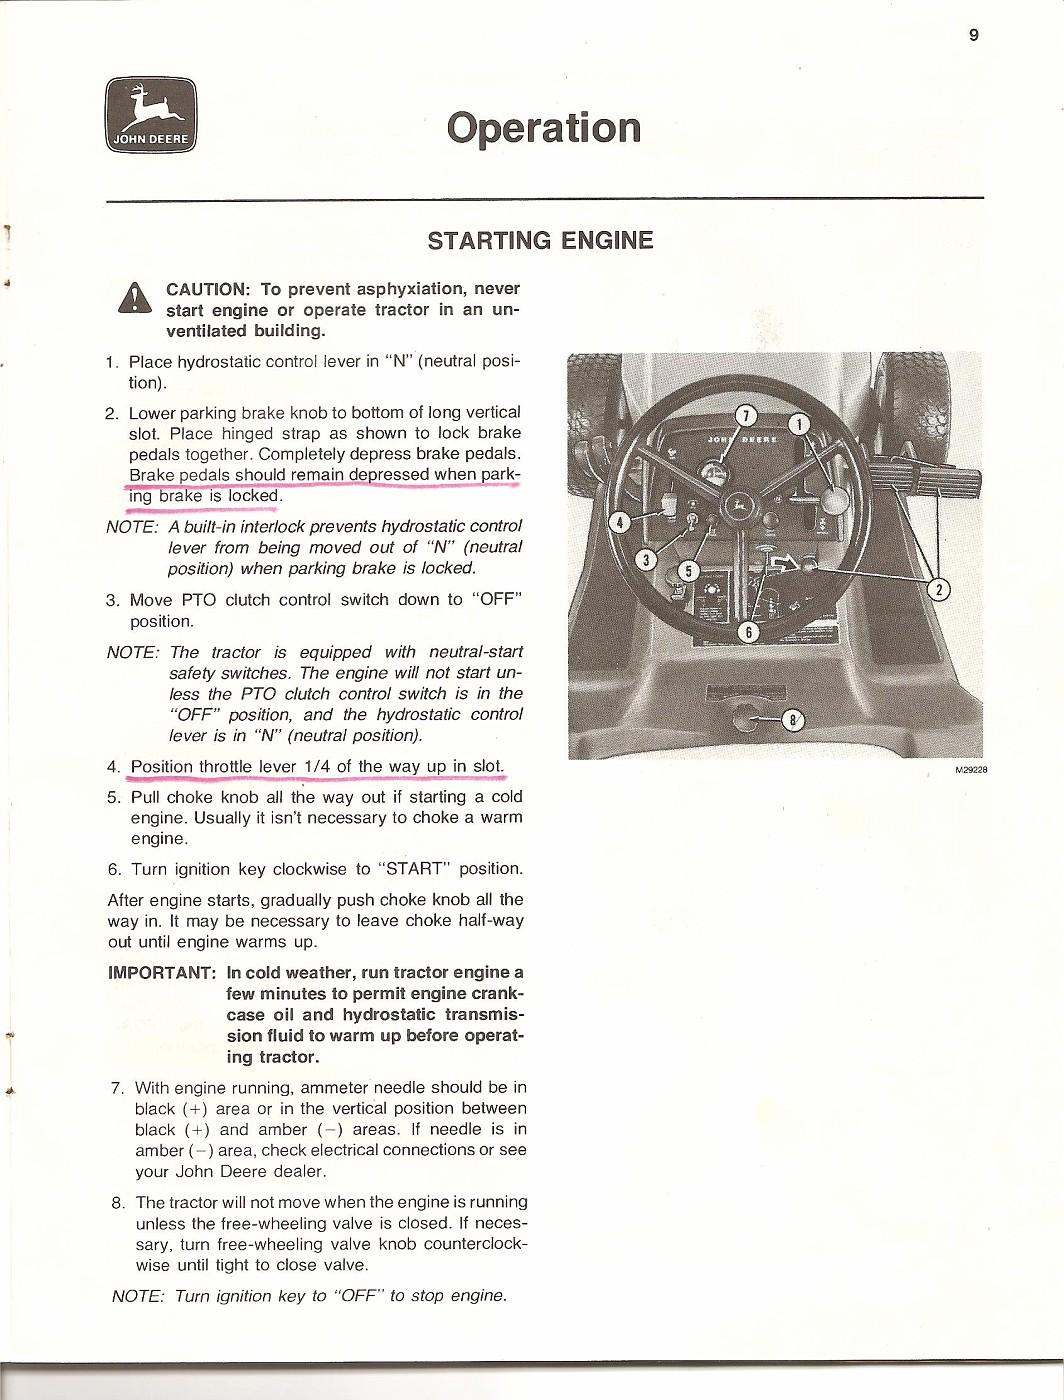 john deere repair manual free download